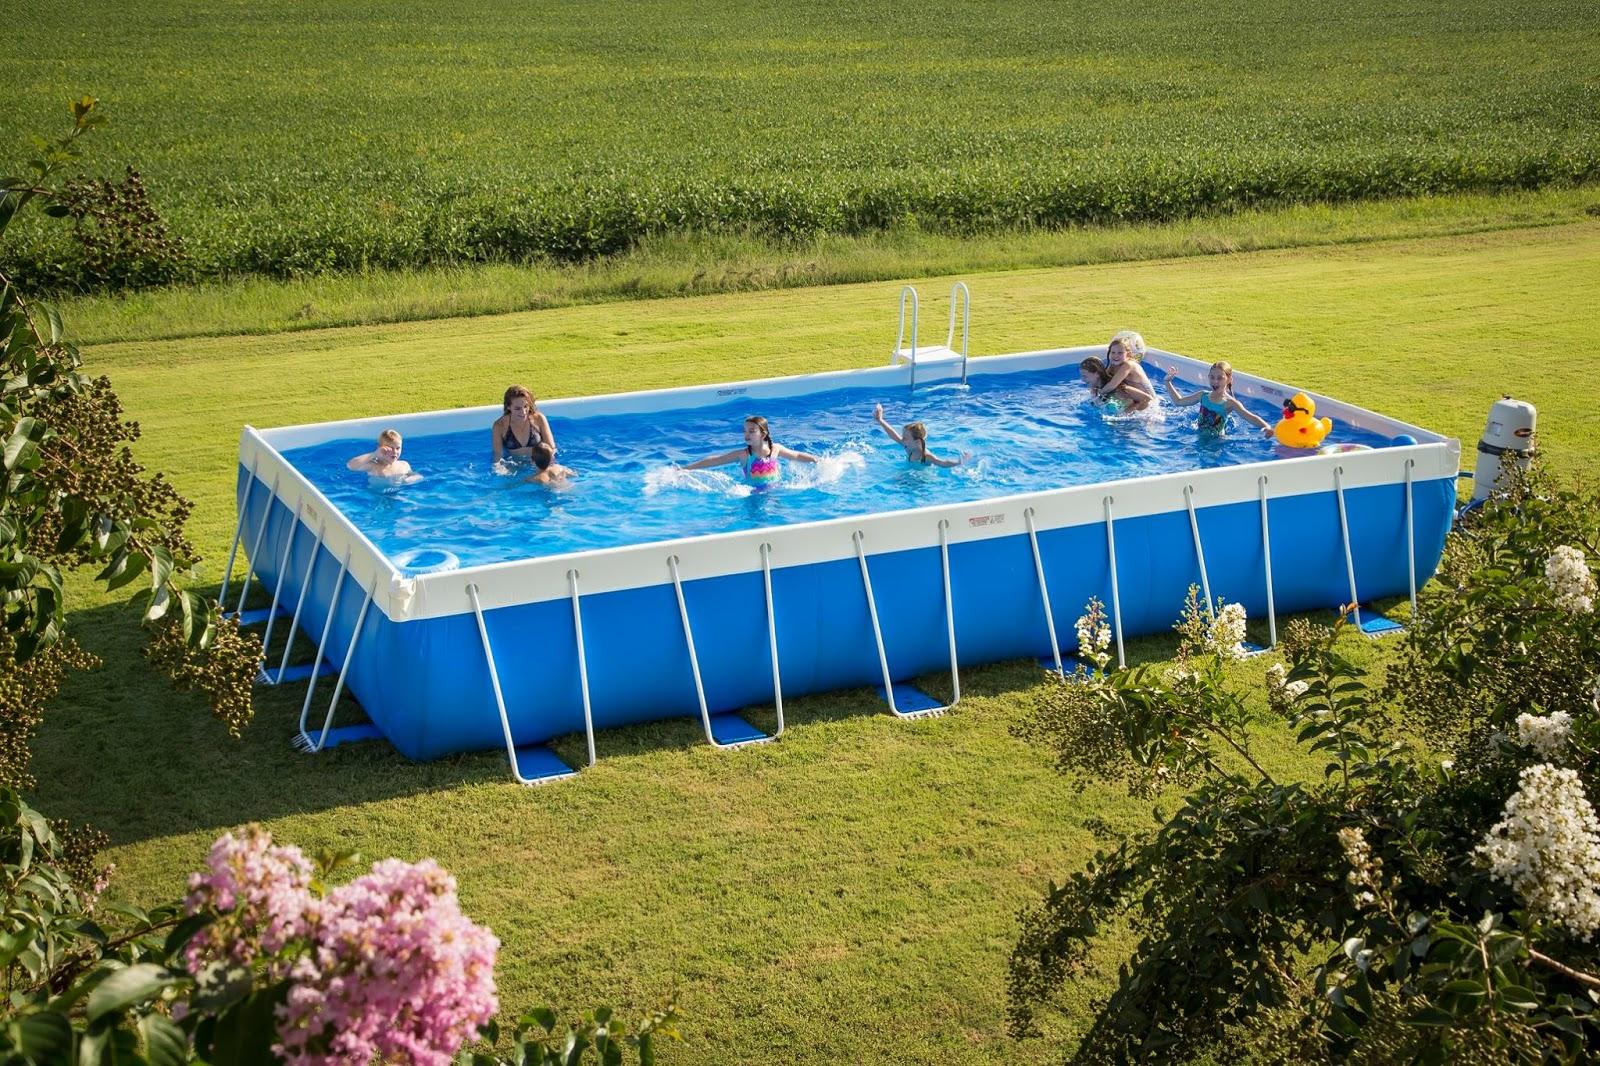 Contro l 39 afa estiva laghetto classic e pop piscine laghetto - Rivenditori piscine fuori terra ...